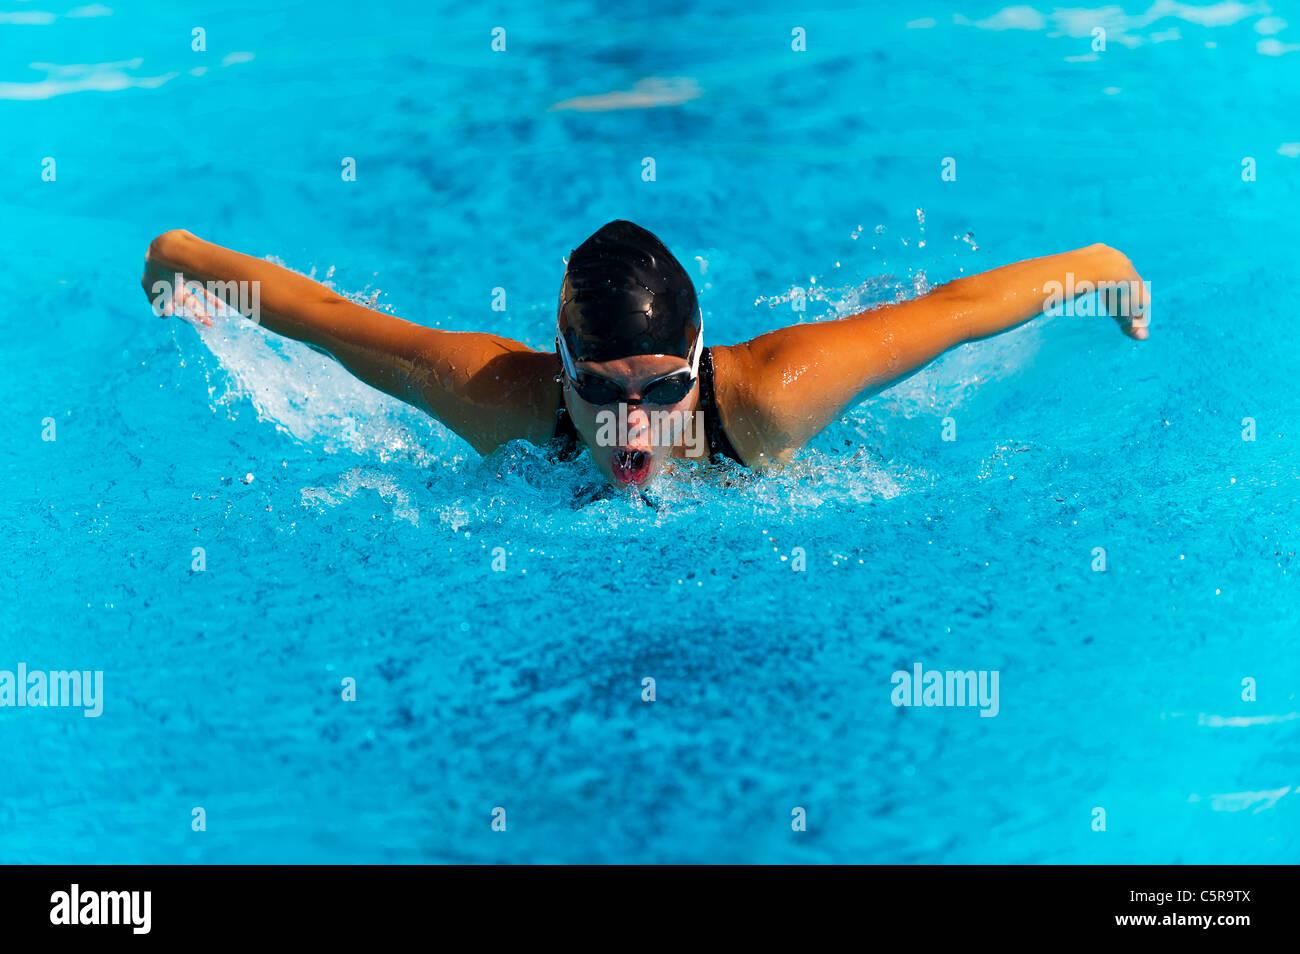 Ein Schwimmer, den Schmetterling zu tun. Stockbild